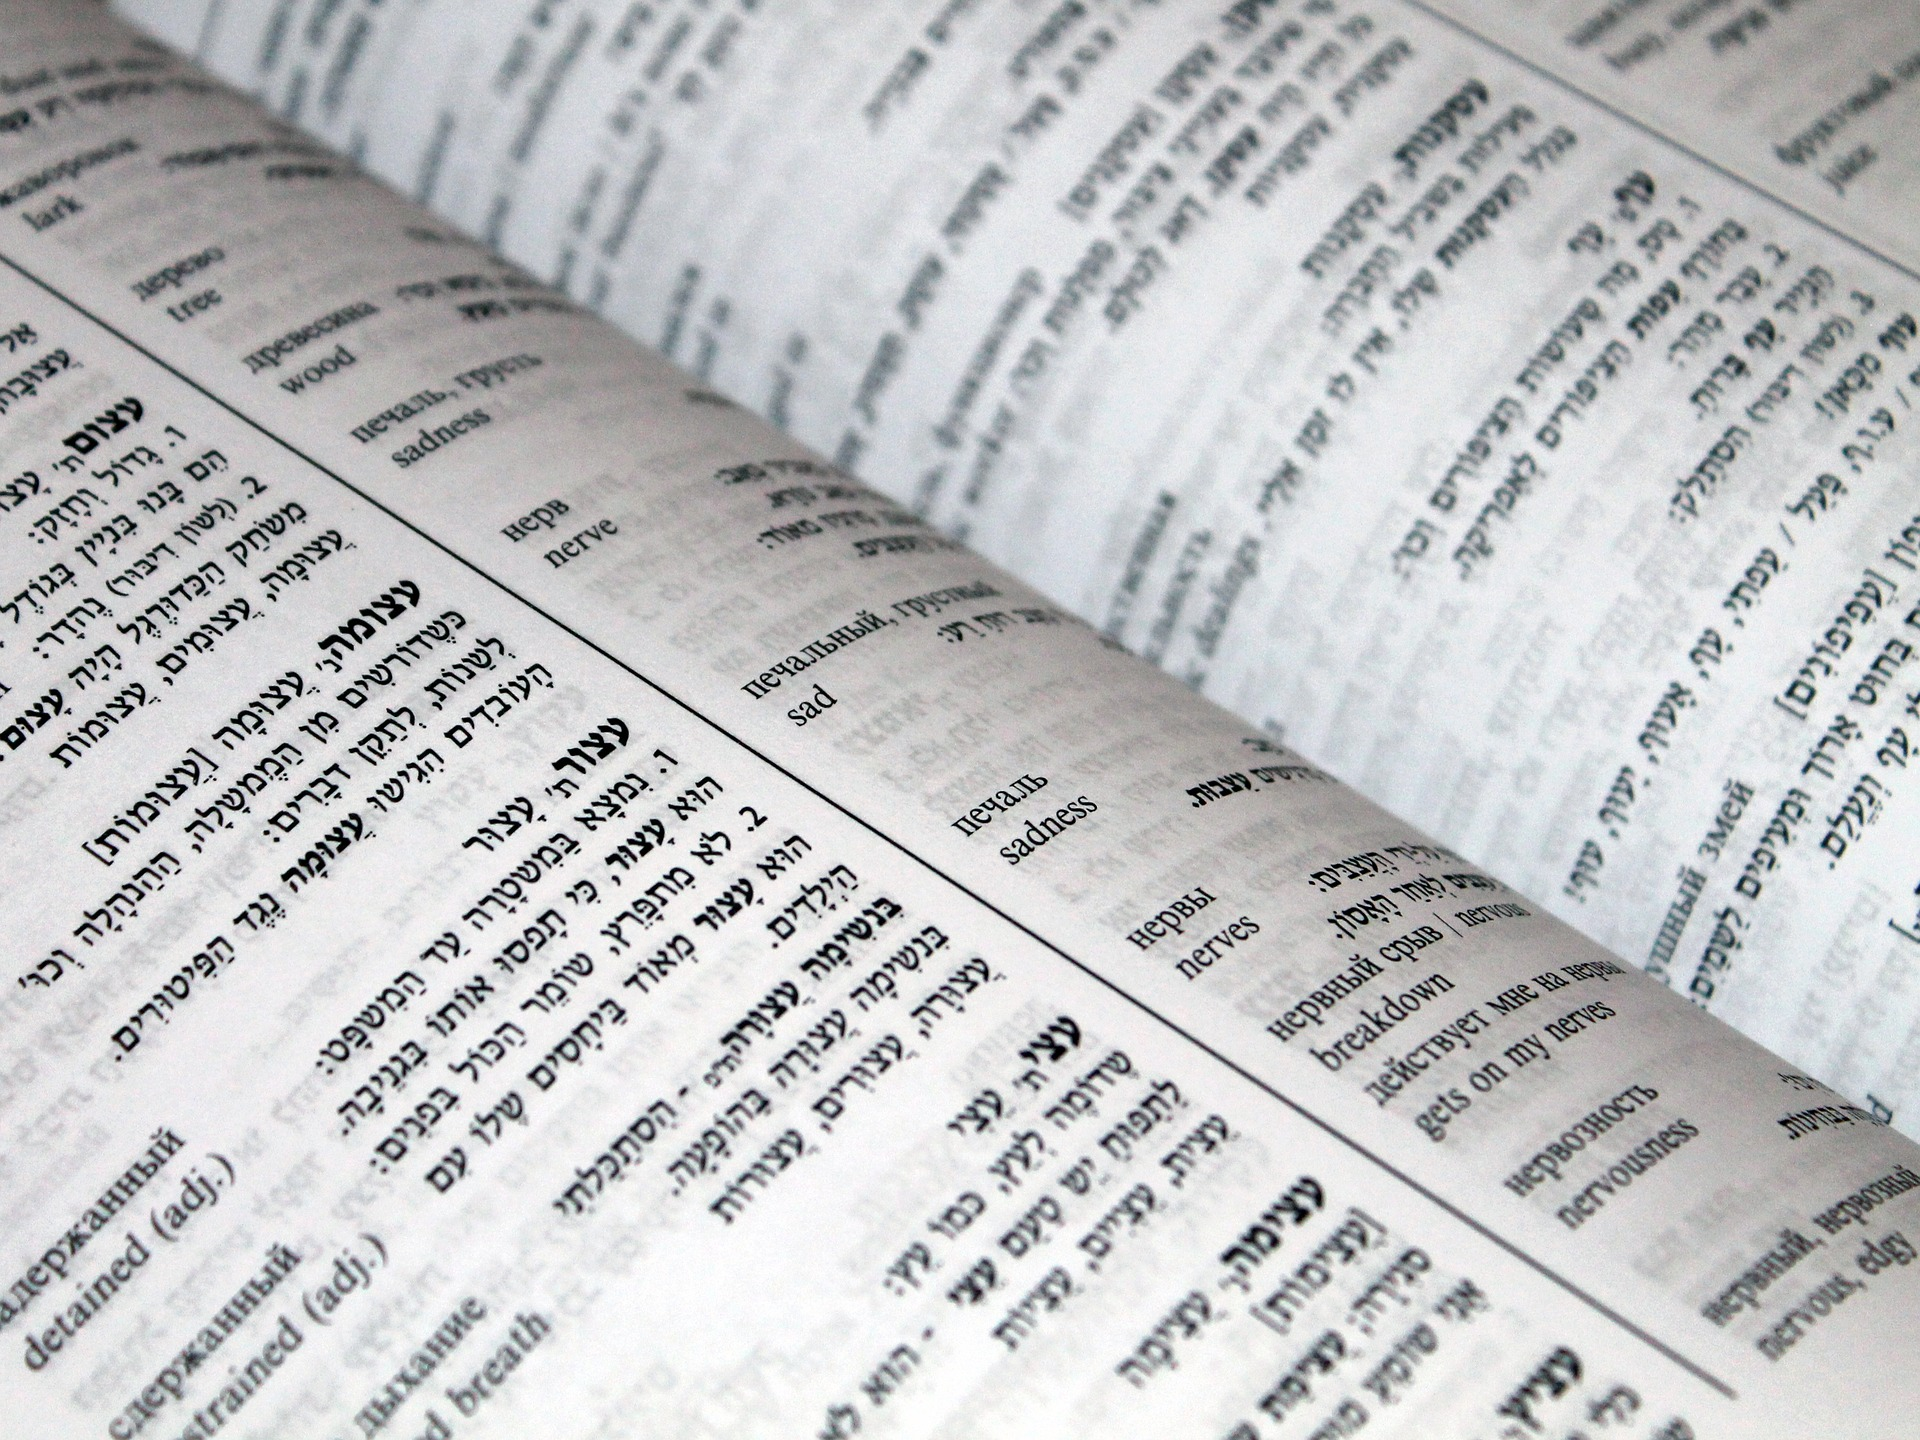 De Taal van de Bijbel: 'Muren' van water (1)